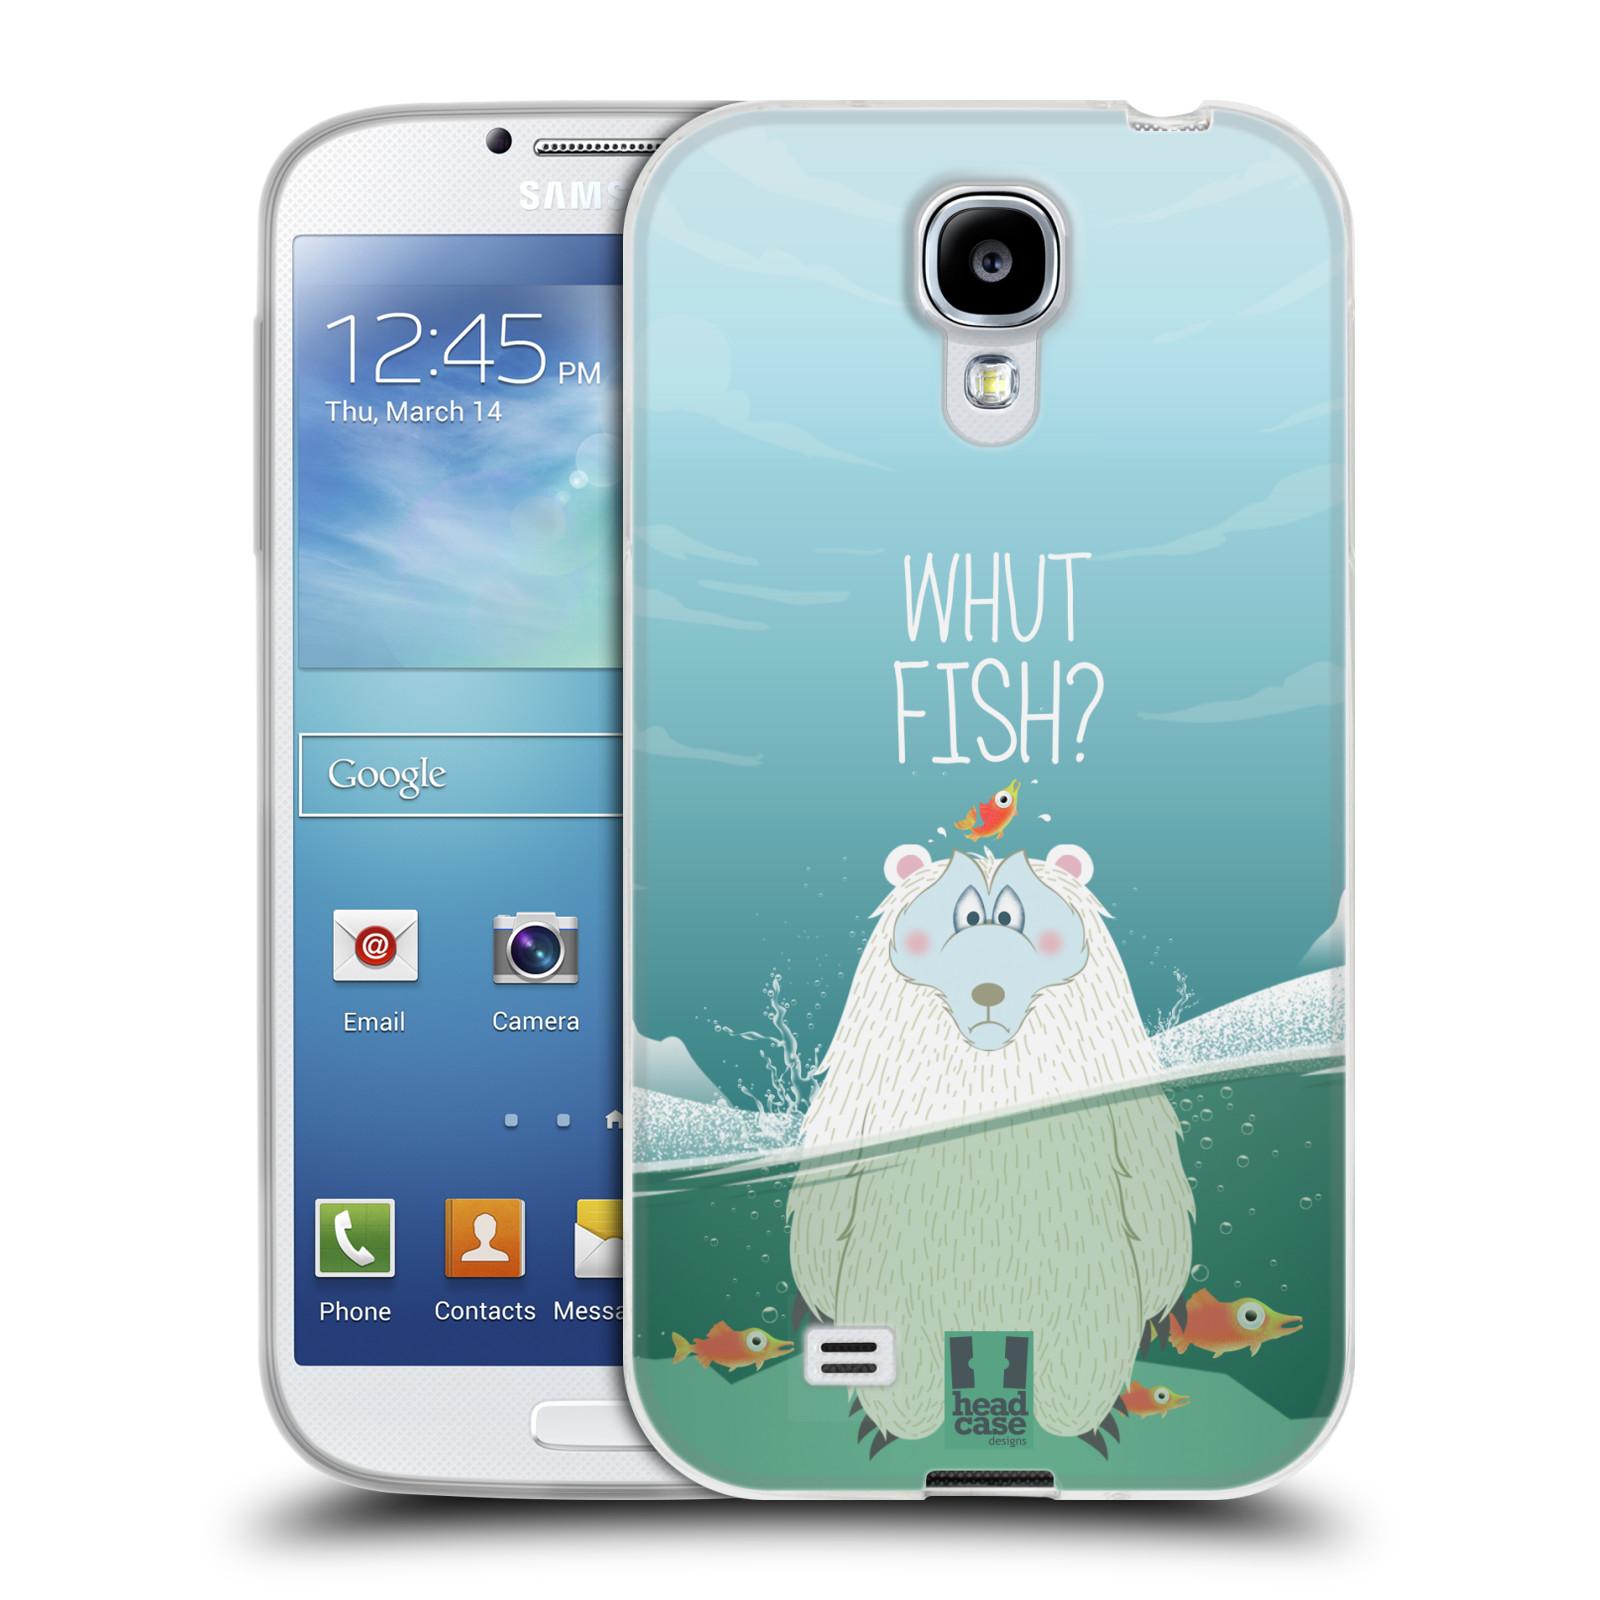 Silikonové pouzdro na mobil Samsung Galaxy S4 HEAD CASE Medvěd Whut Fish? (Silikonový kryt či obal na mobilní telefon Samsung Galaxy S4 GT-i9505 / i9500)